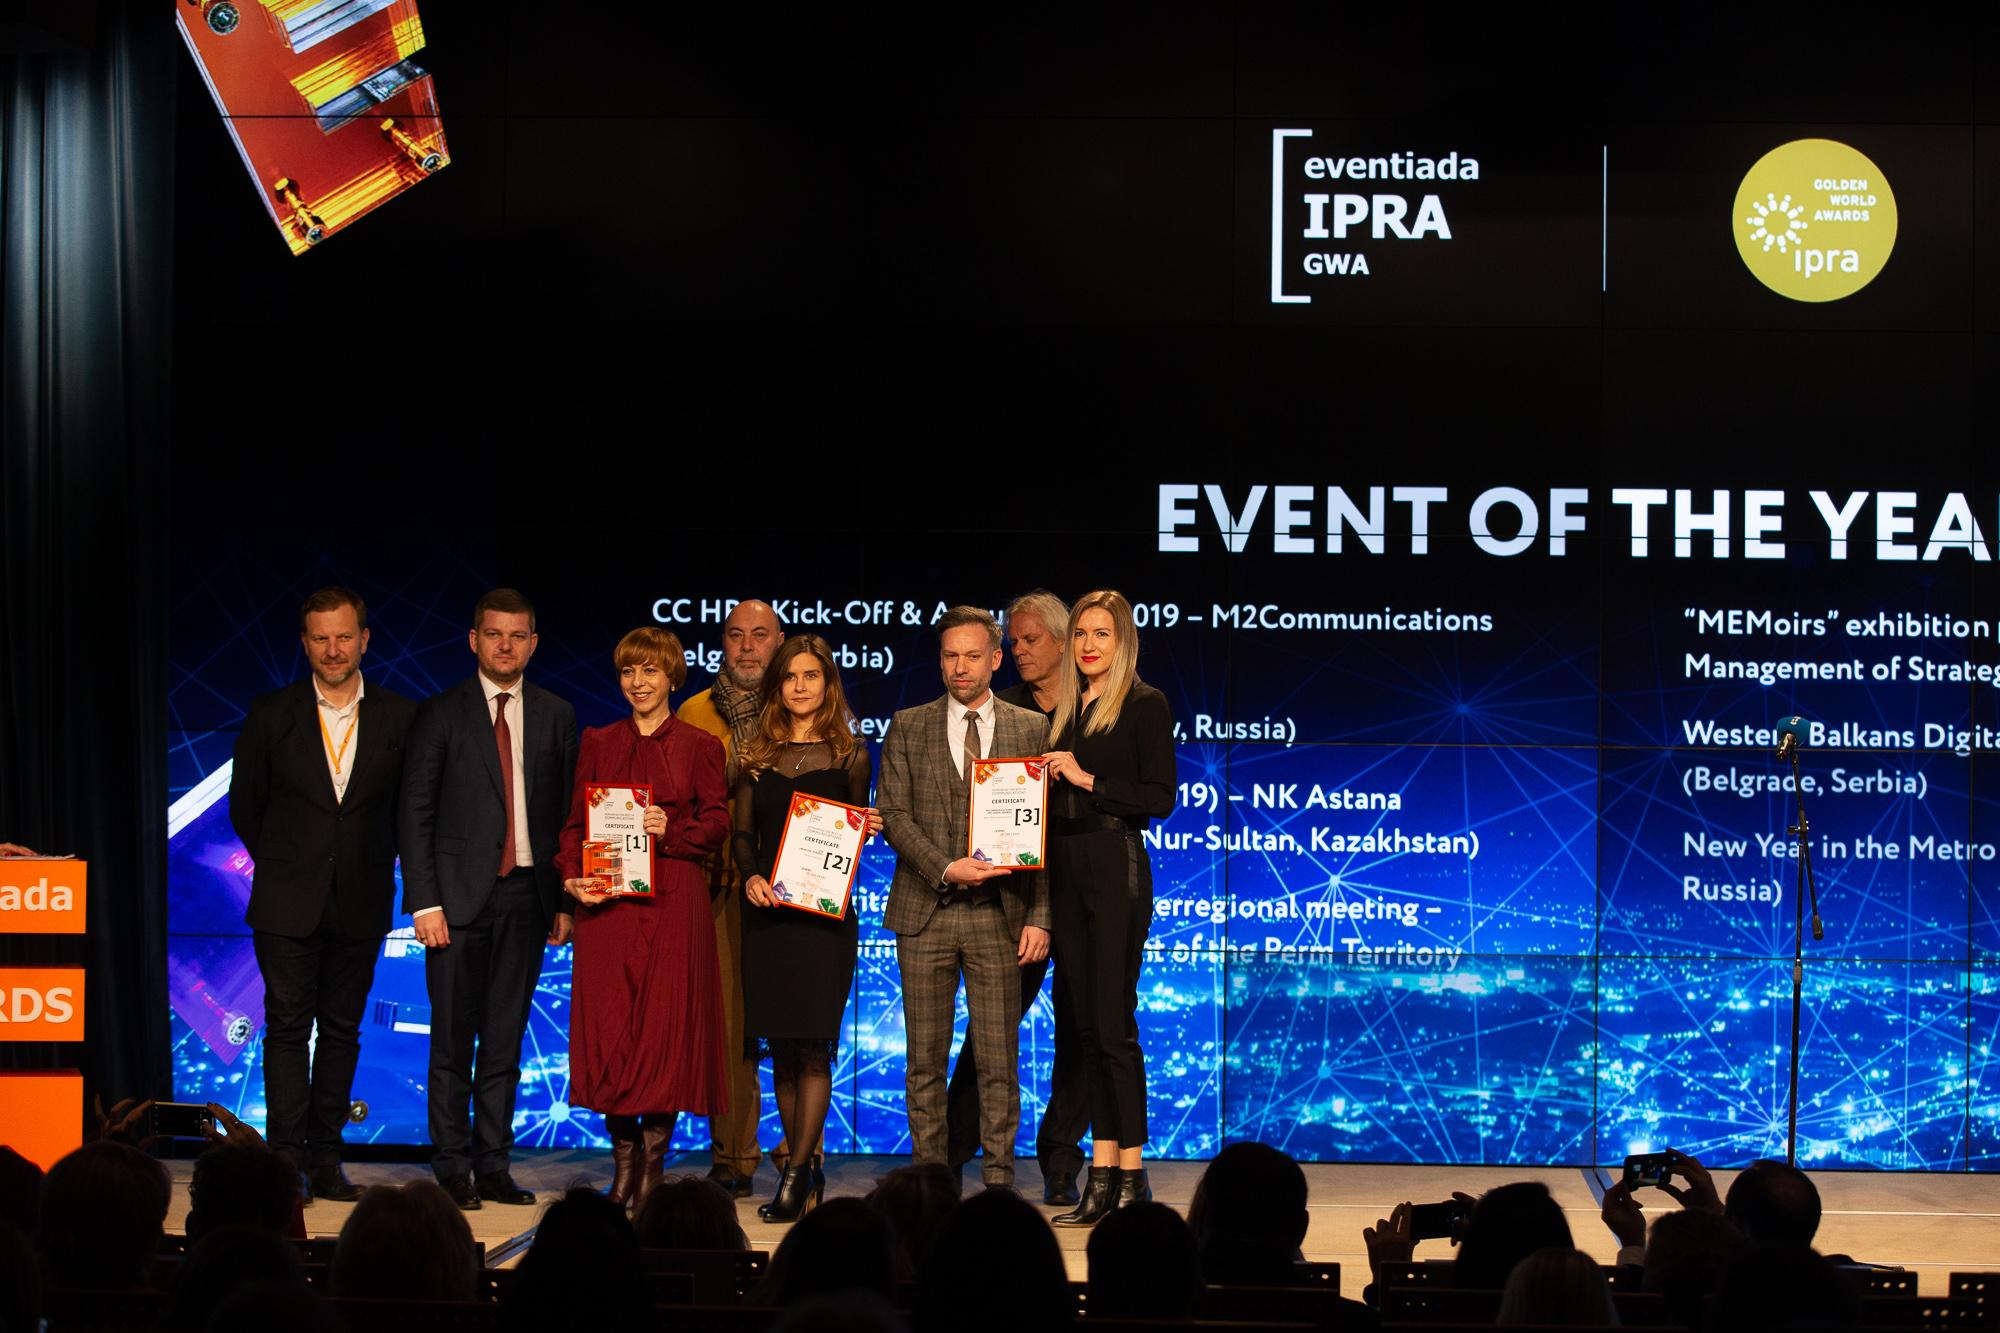 Фестиваль Турции — «Лучший event года»   по версии Eventiada IPRA Golden World Awards 2019